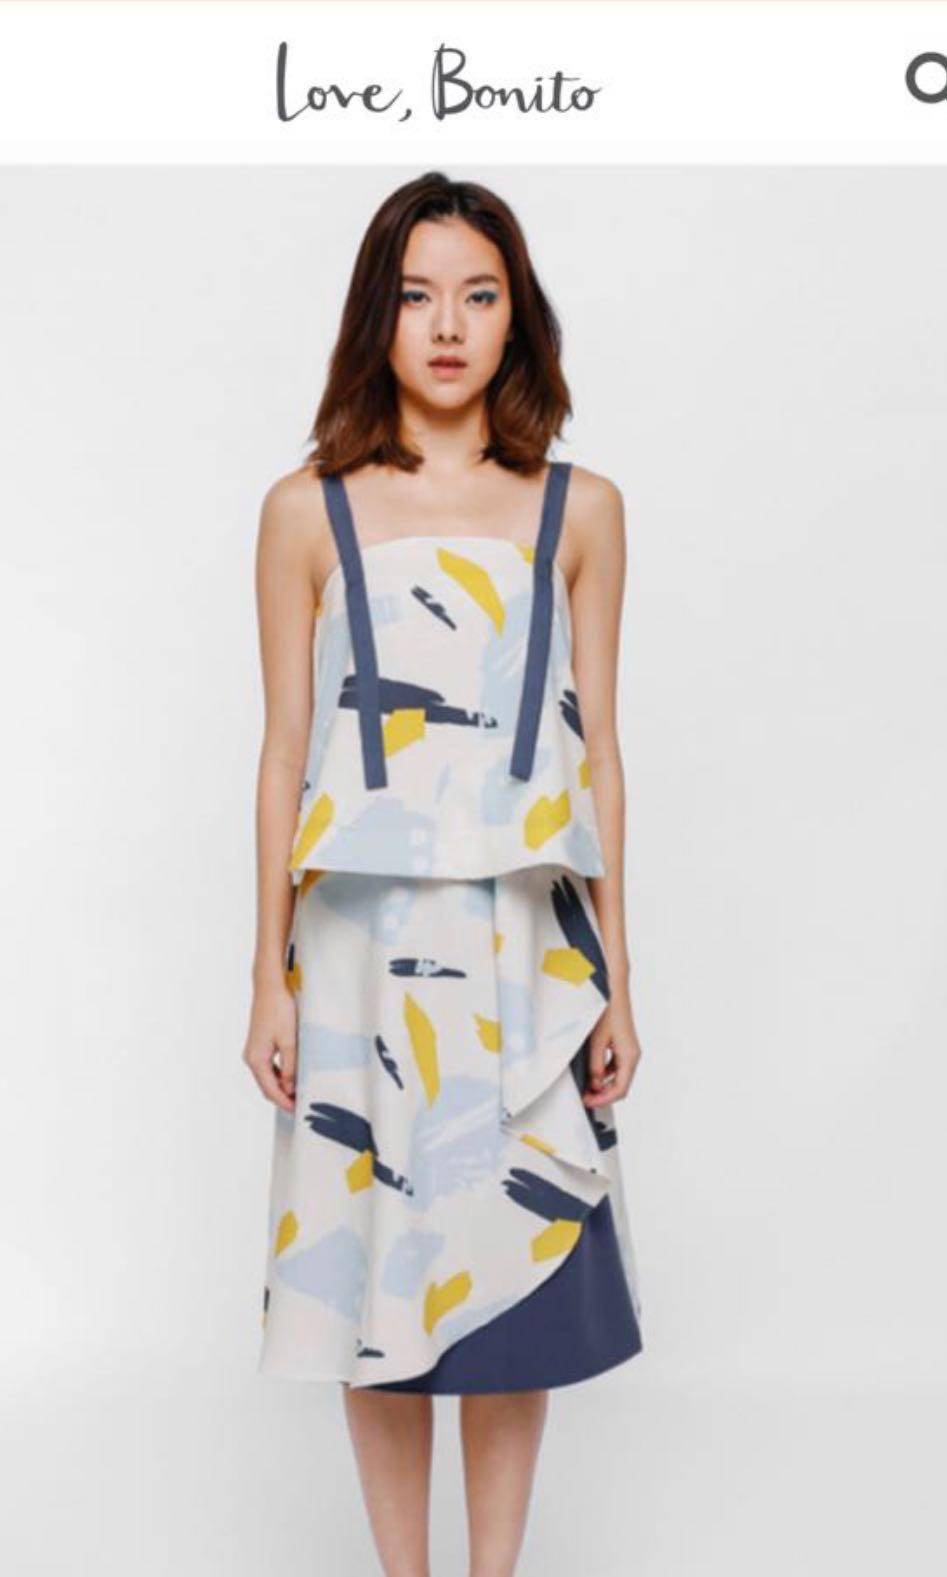 e097c2ca3e Love bonito pavanka sash tie back top, Women's Fashion, Clothes ...